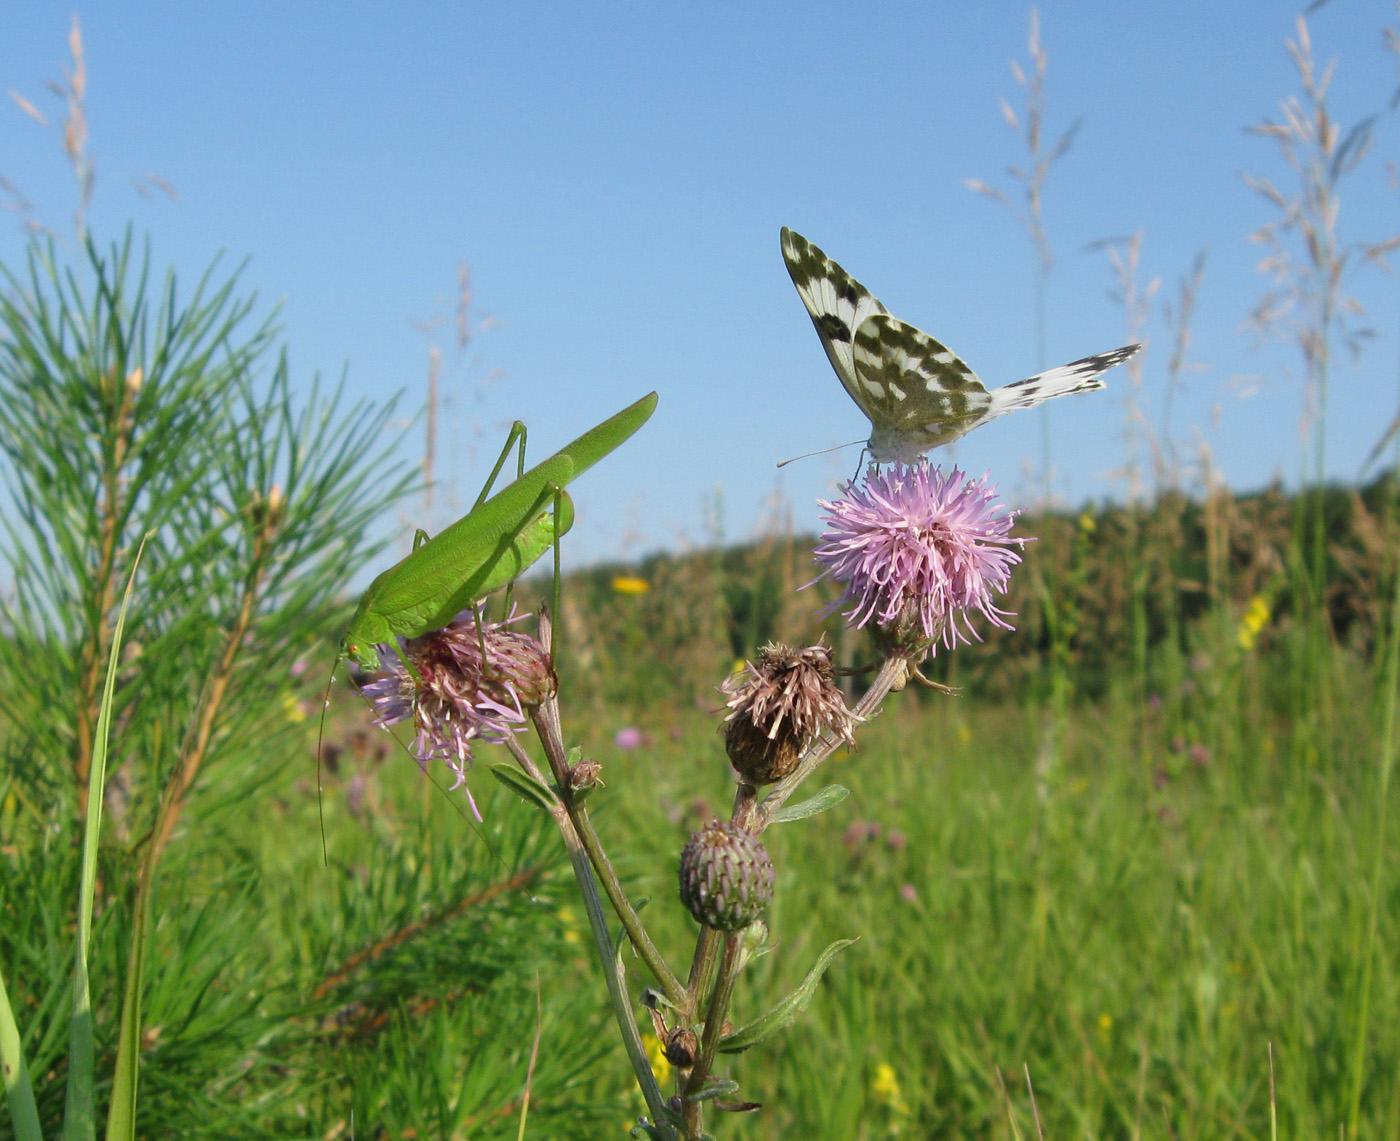 Пластинокрыл обыкновенный (Phaneroptera falcata). Автор: Олег Селиверстов